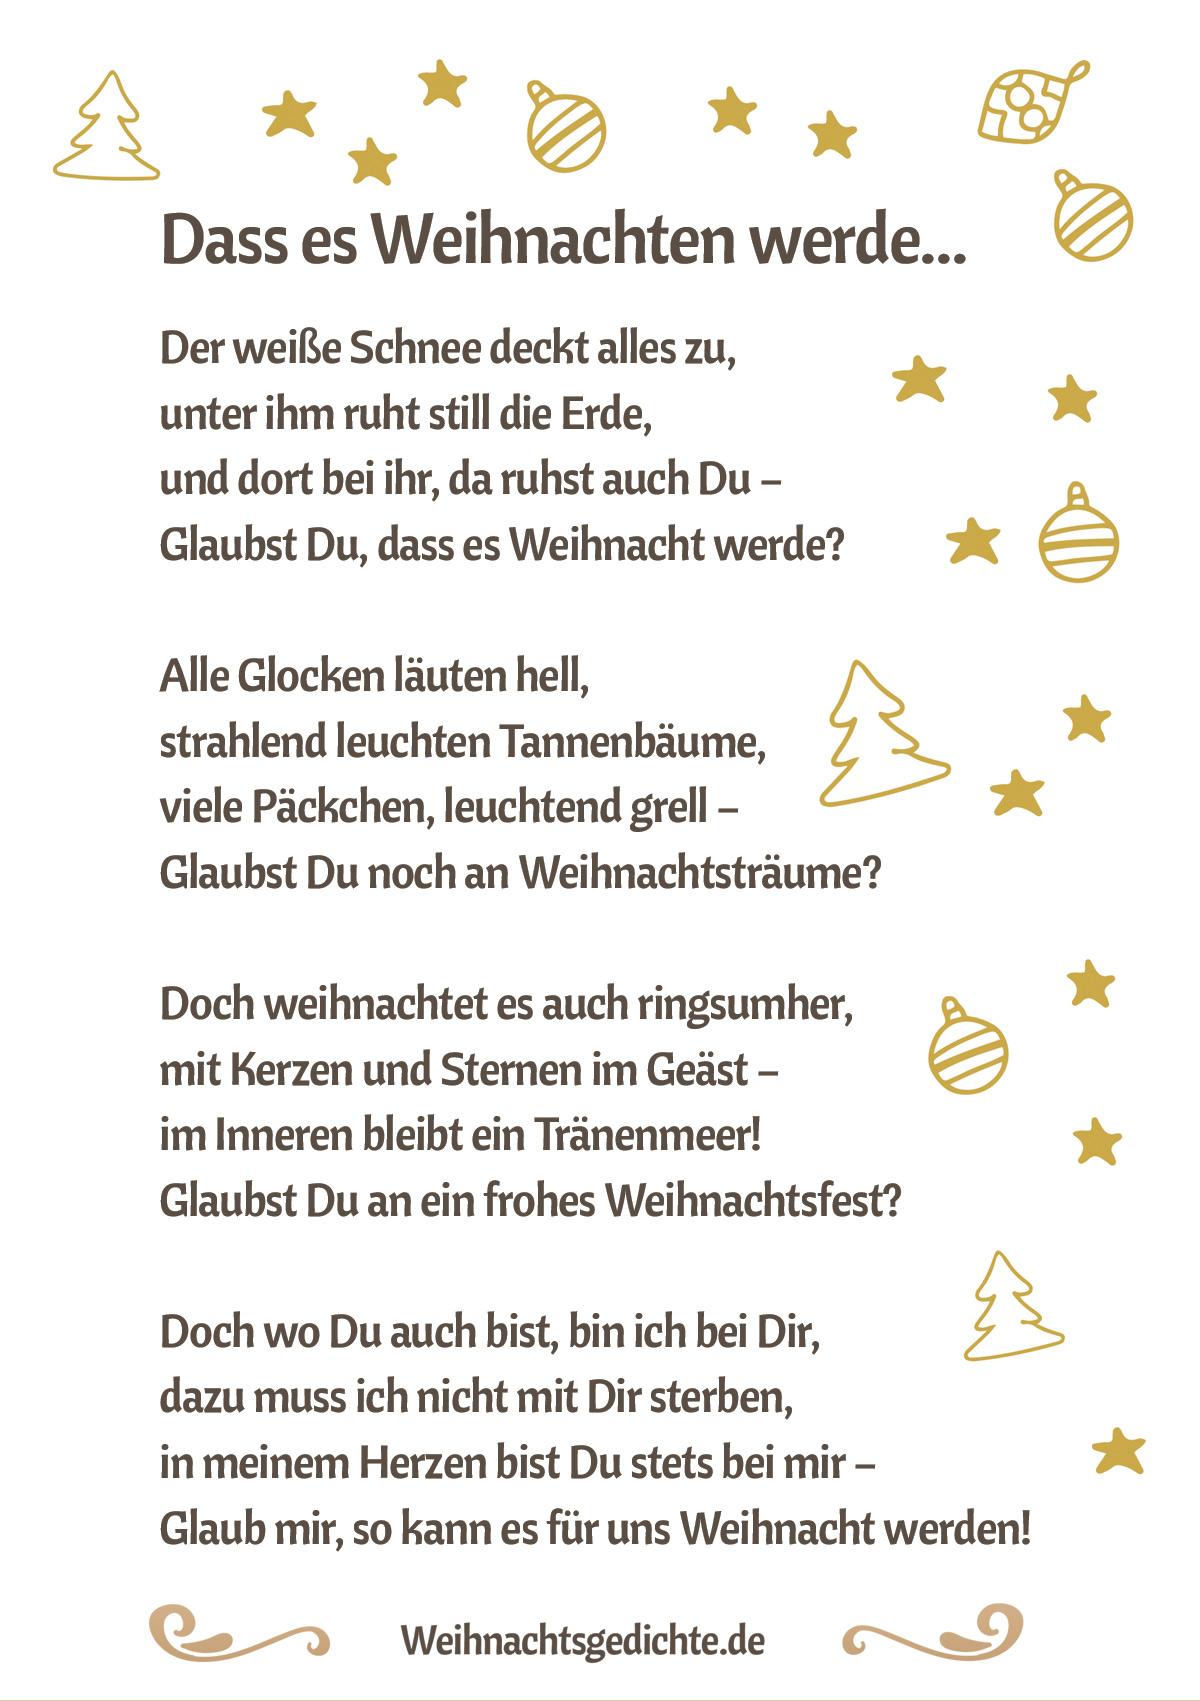 Weihnachtsgedichte Bilder Zum Versenden Als E-Mail Oder Facebook für Schöne Und Kurze Weihnachtsgedichte